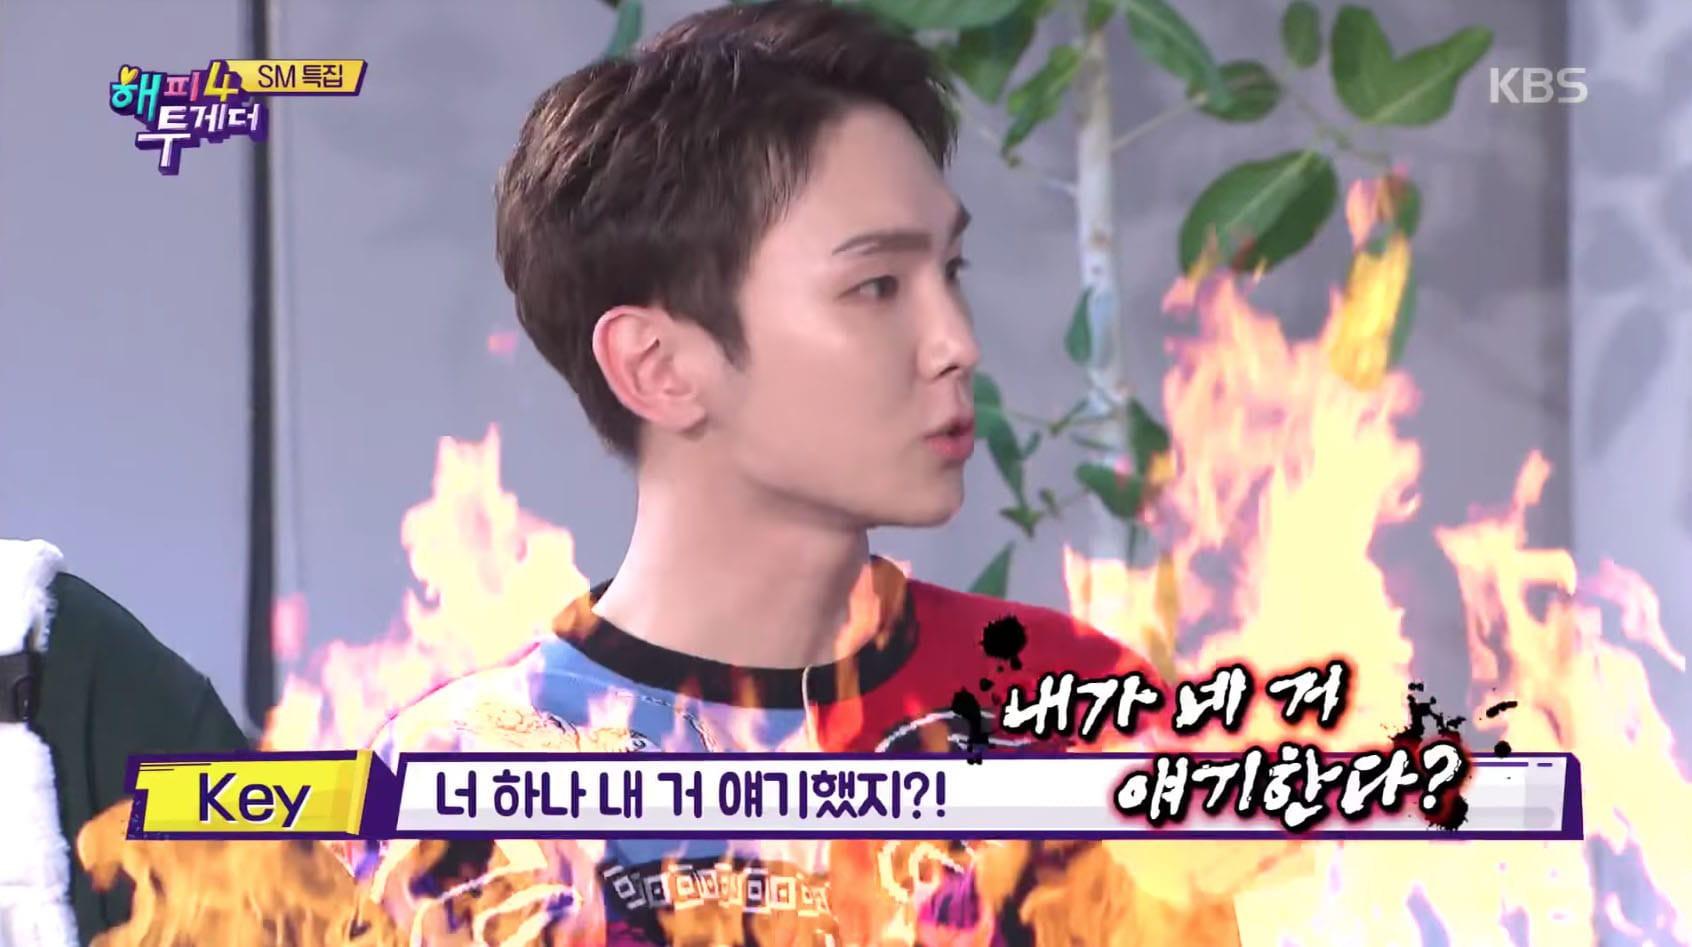 Sehun (EXO) bị tố mít ướt, Key (SHINee) thừa nhận từng muốn đánh vào đầu bạn chung nhóm - Ảnh 3.